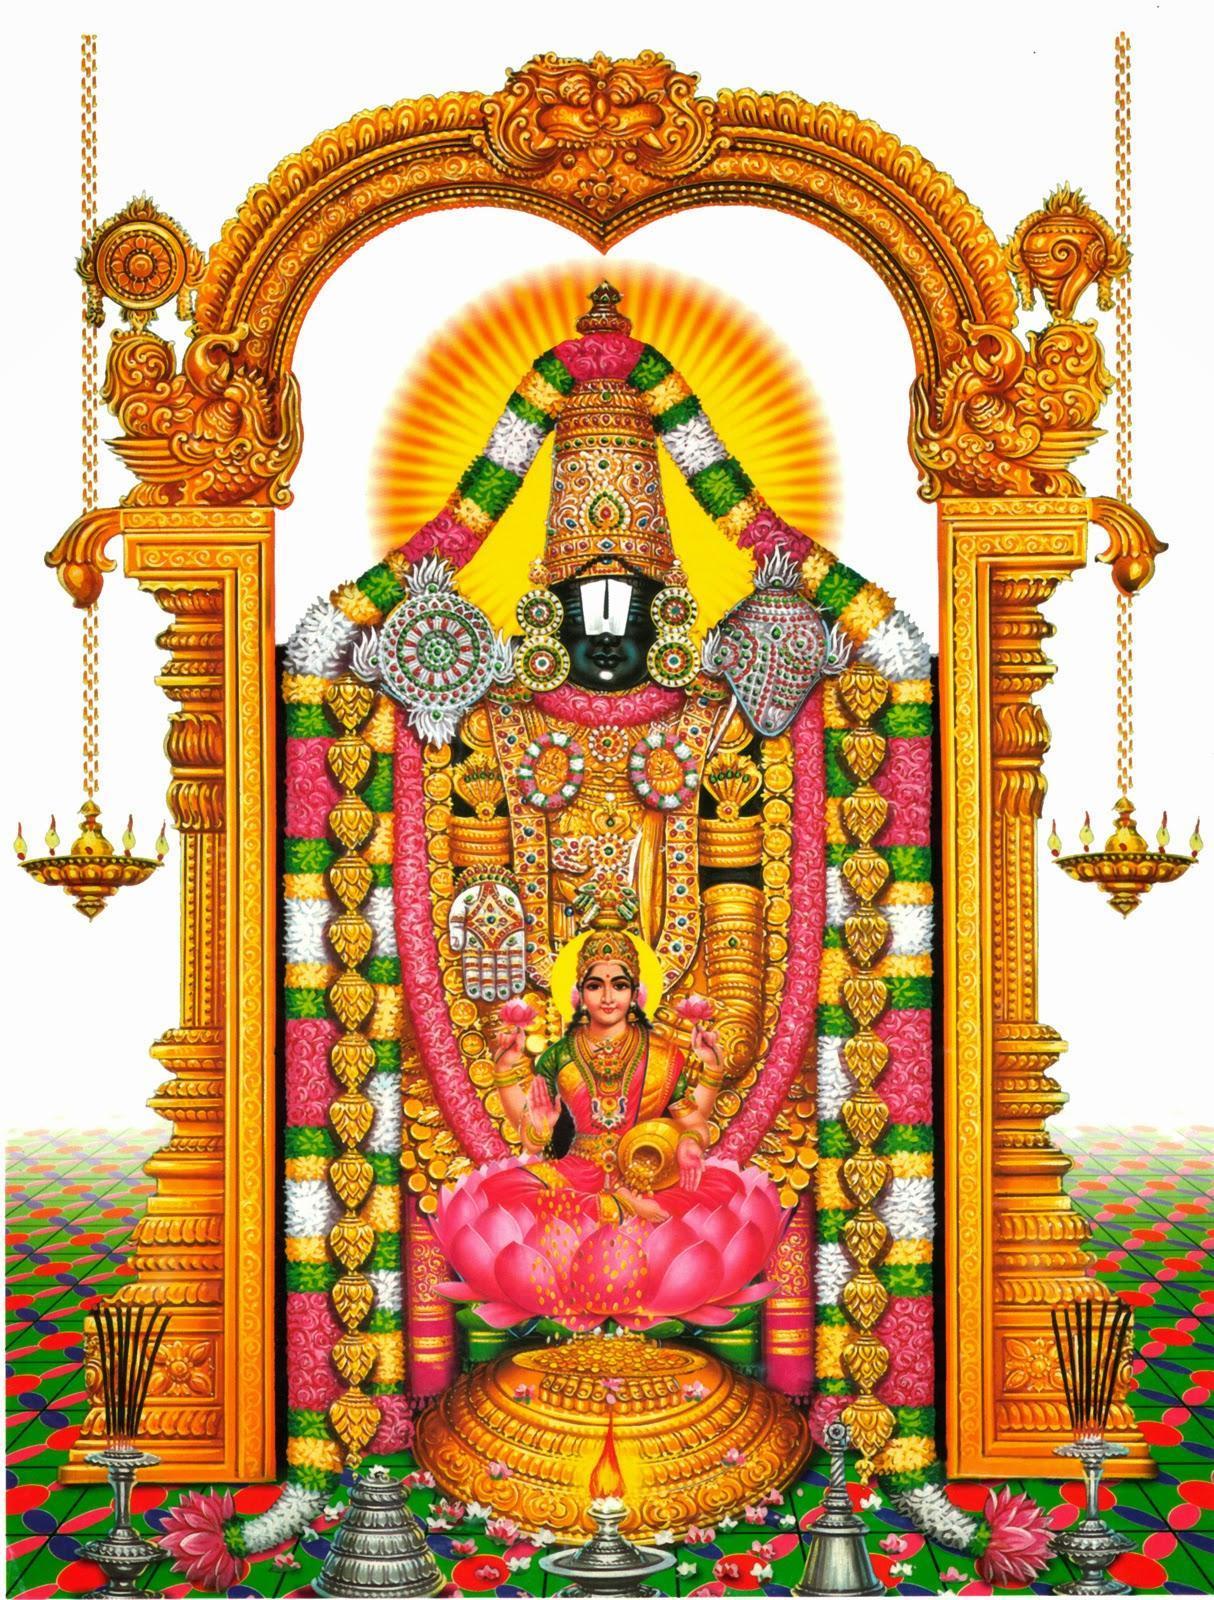 lord venkateswara wallpapers top free lord venkateswara backgrounds wallpaperaccess lord venkateswara wallpapers top free